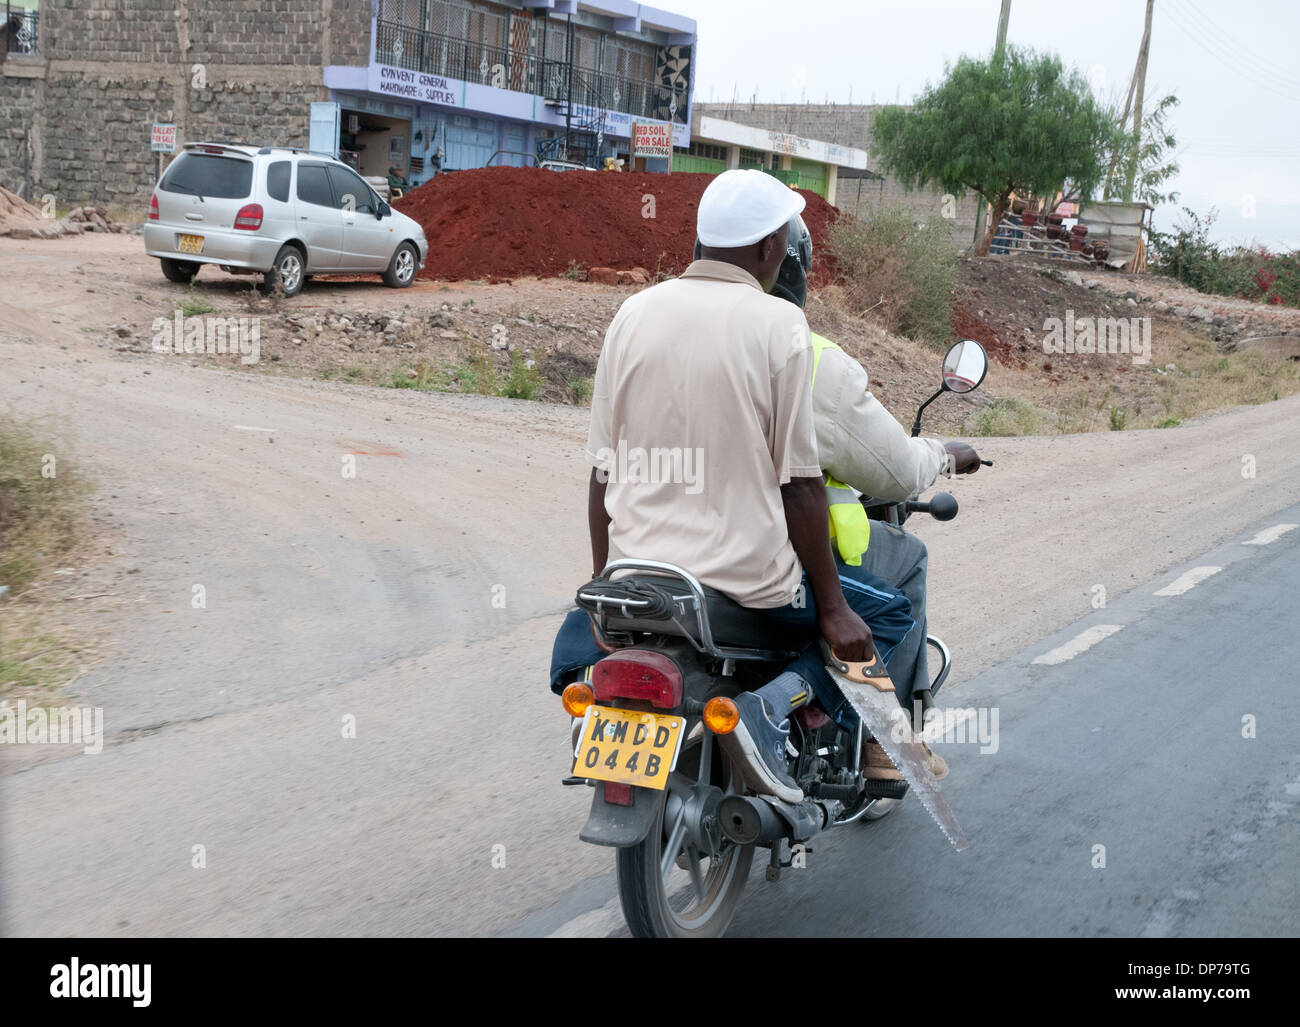 Motocicleta Taxi con cliente llevando vio en Nairobi Namanga road en Kajiado Kenya África Imagen De Stock